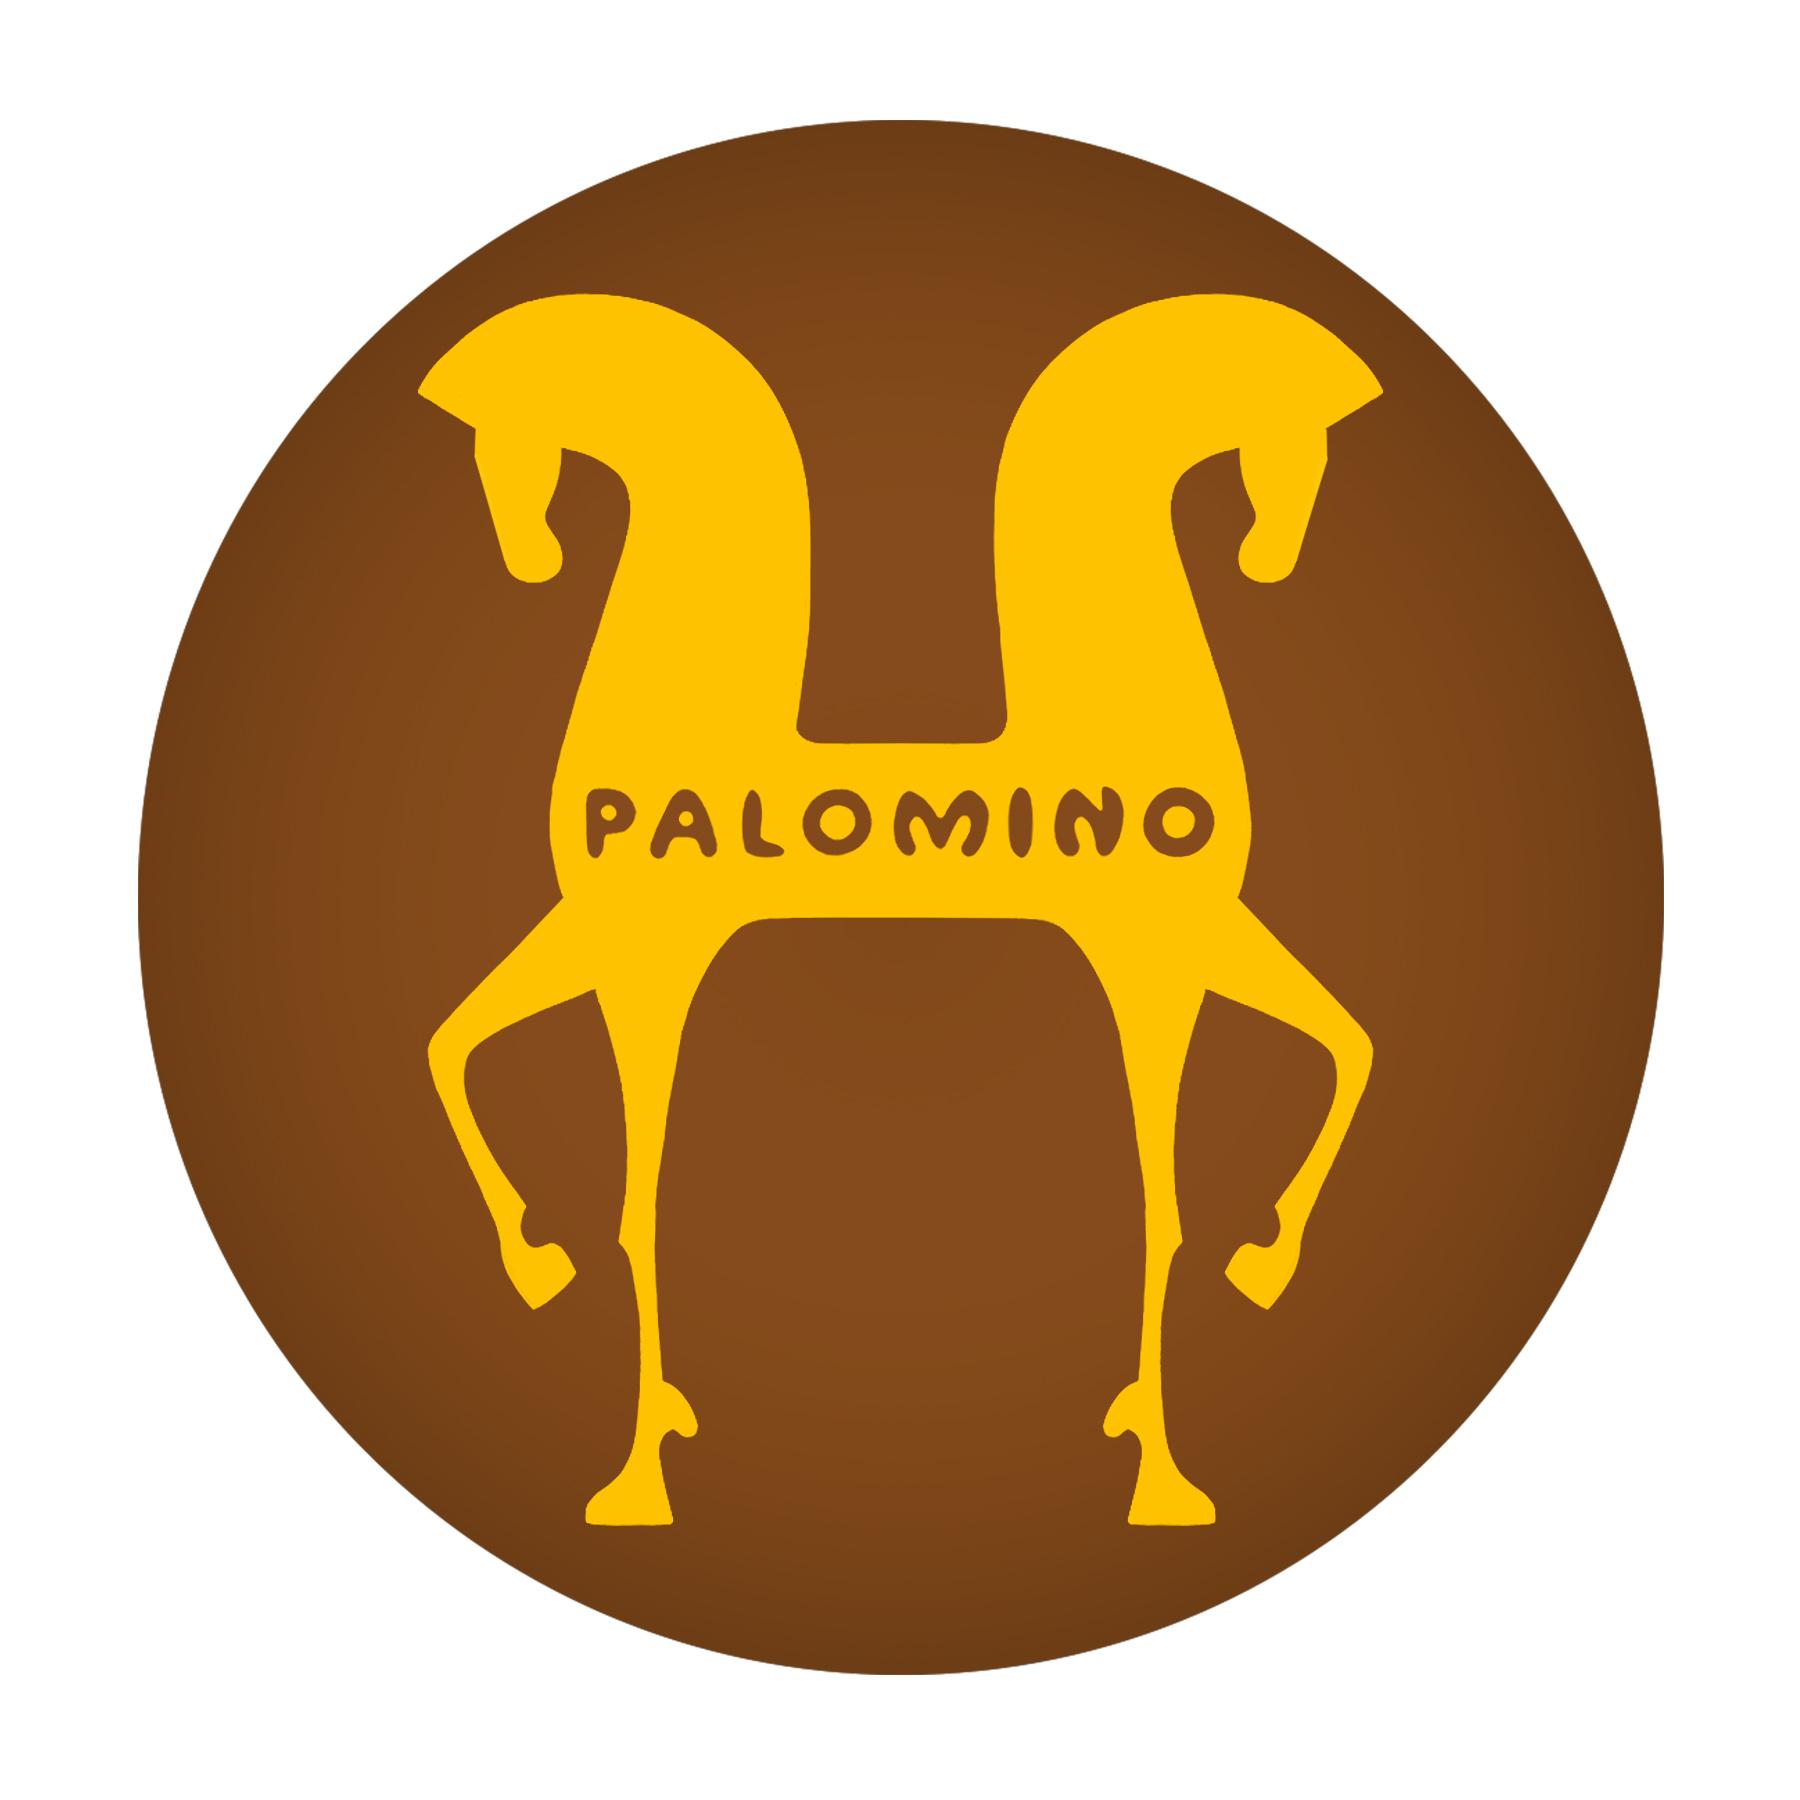 palomino_RGB_web.jpg